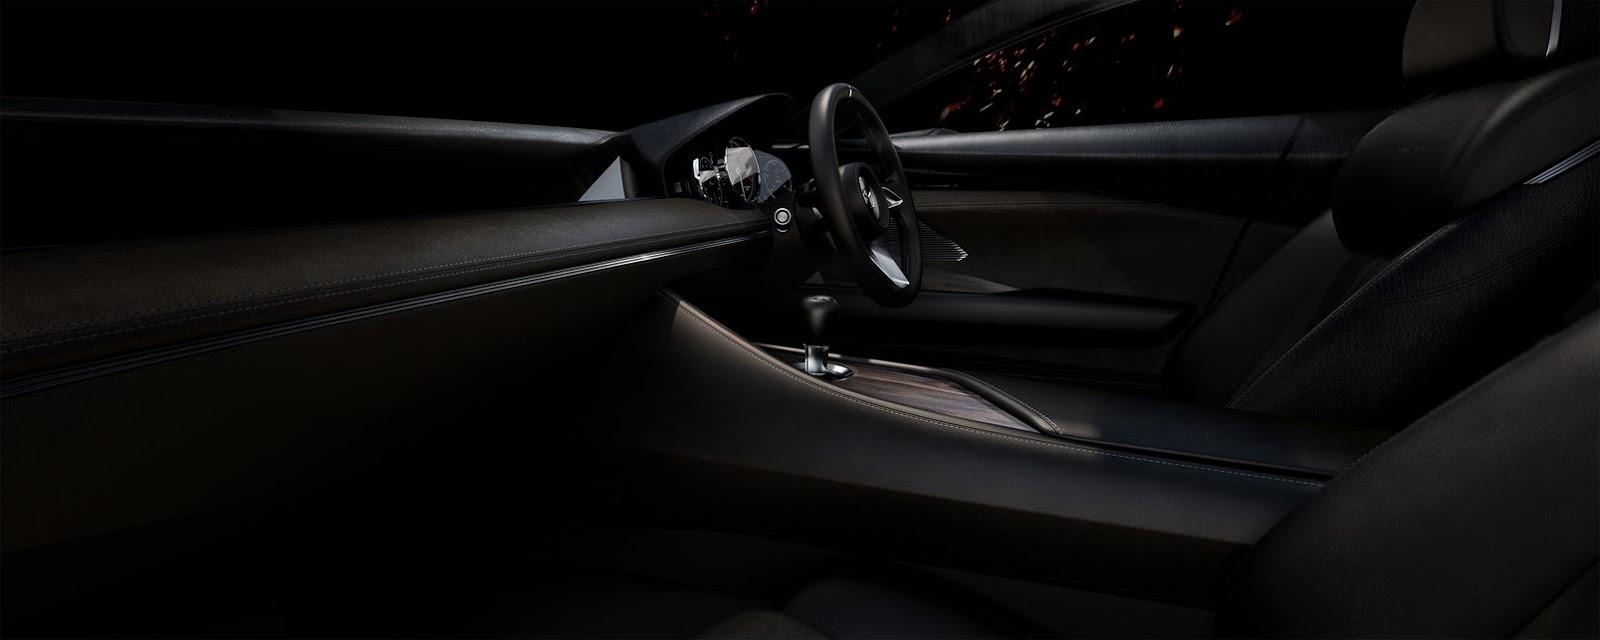 Mazda-Vision-Coupe-18